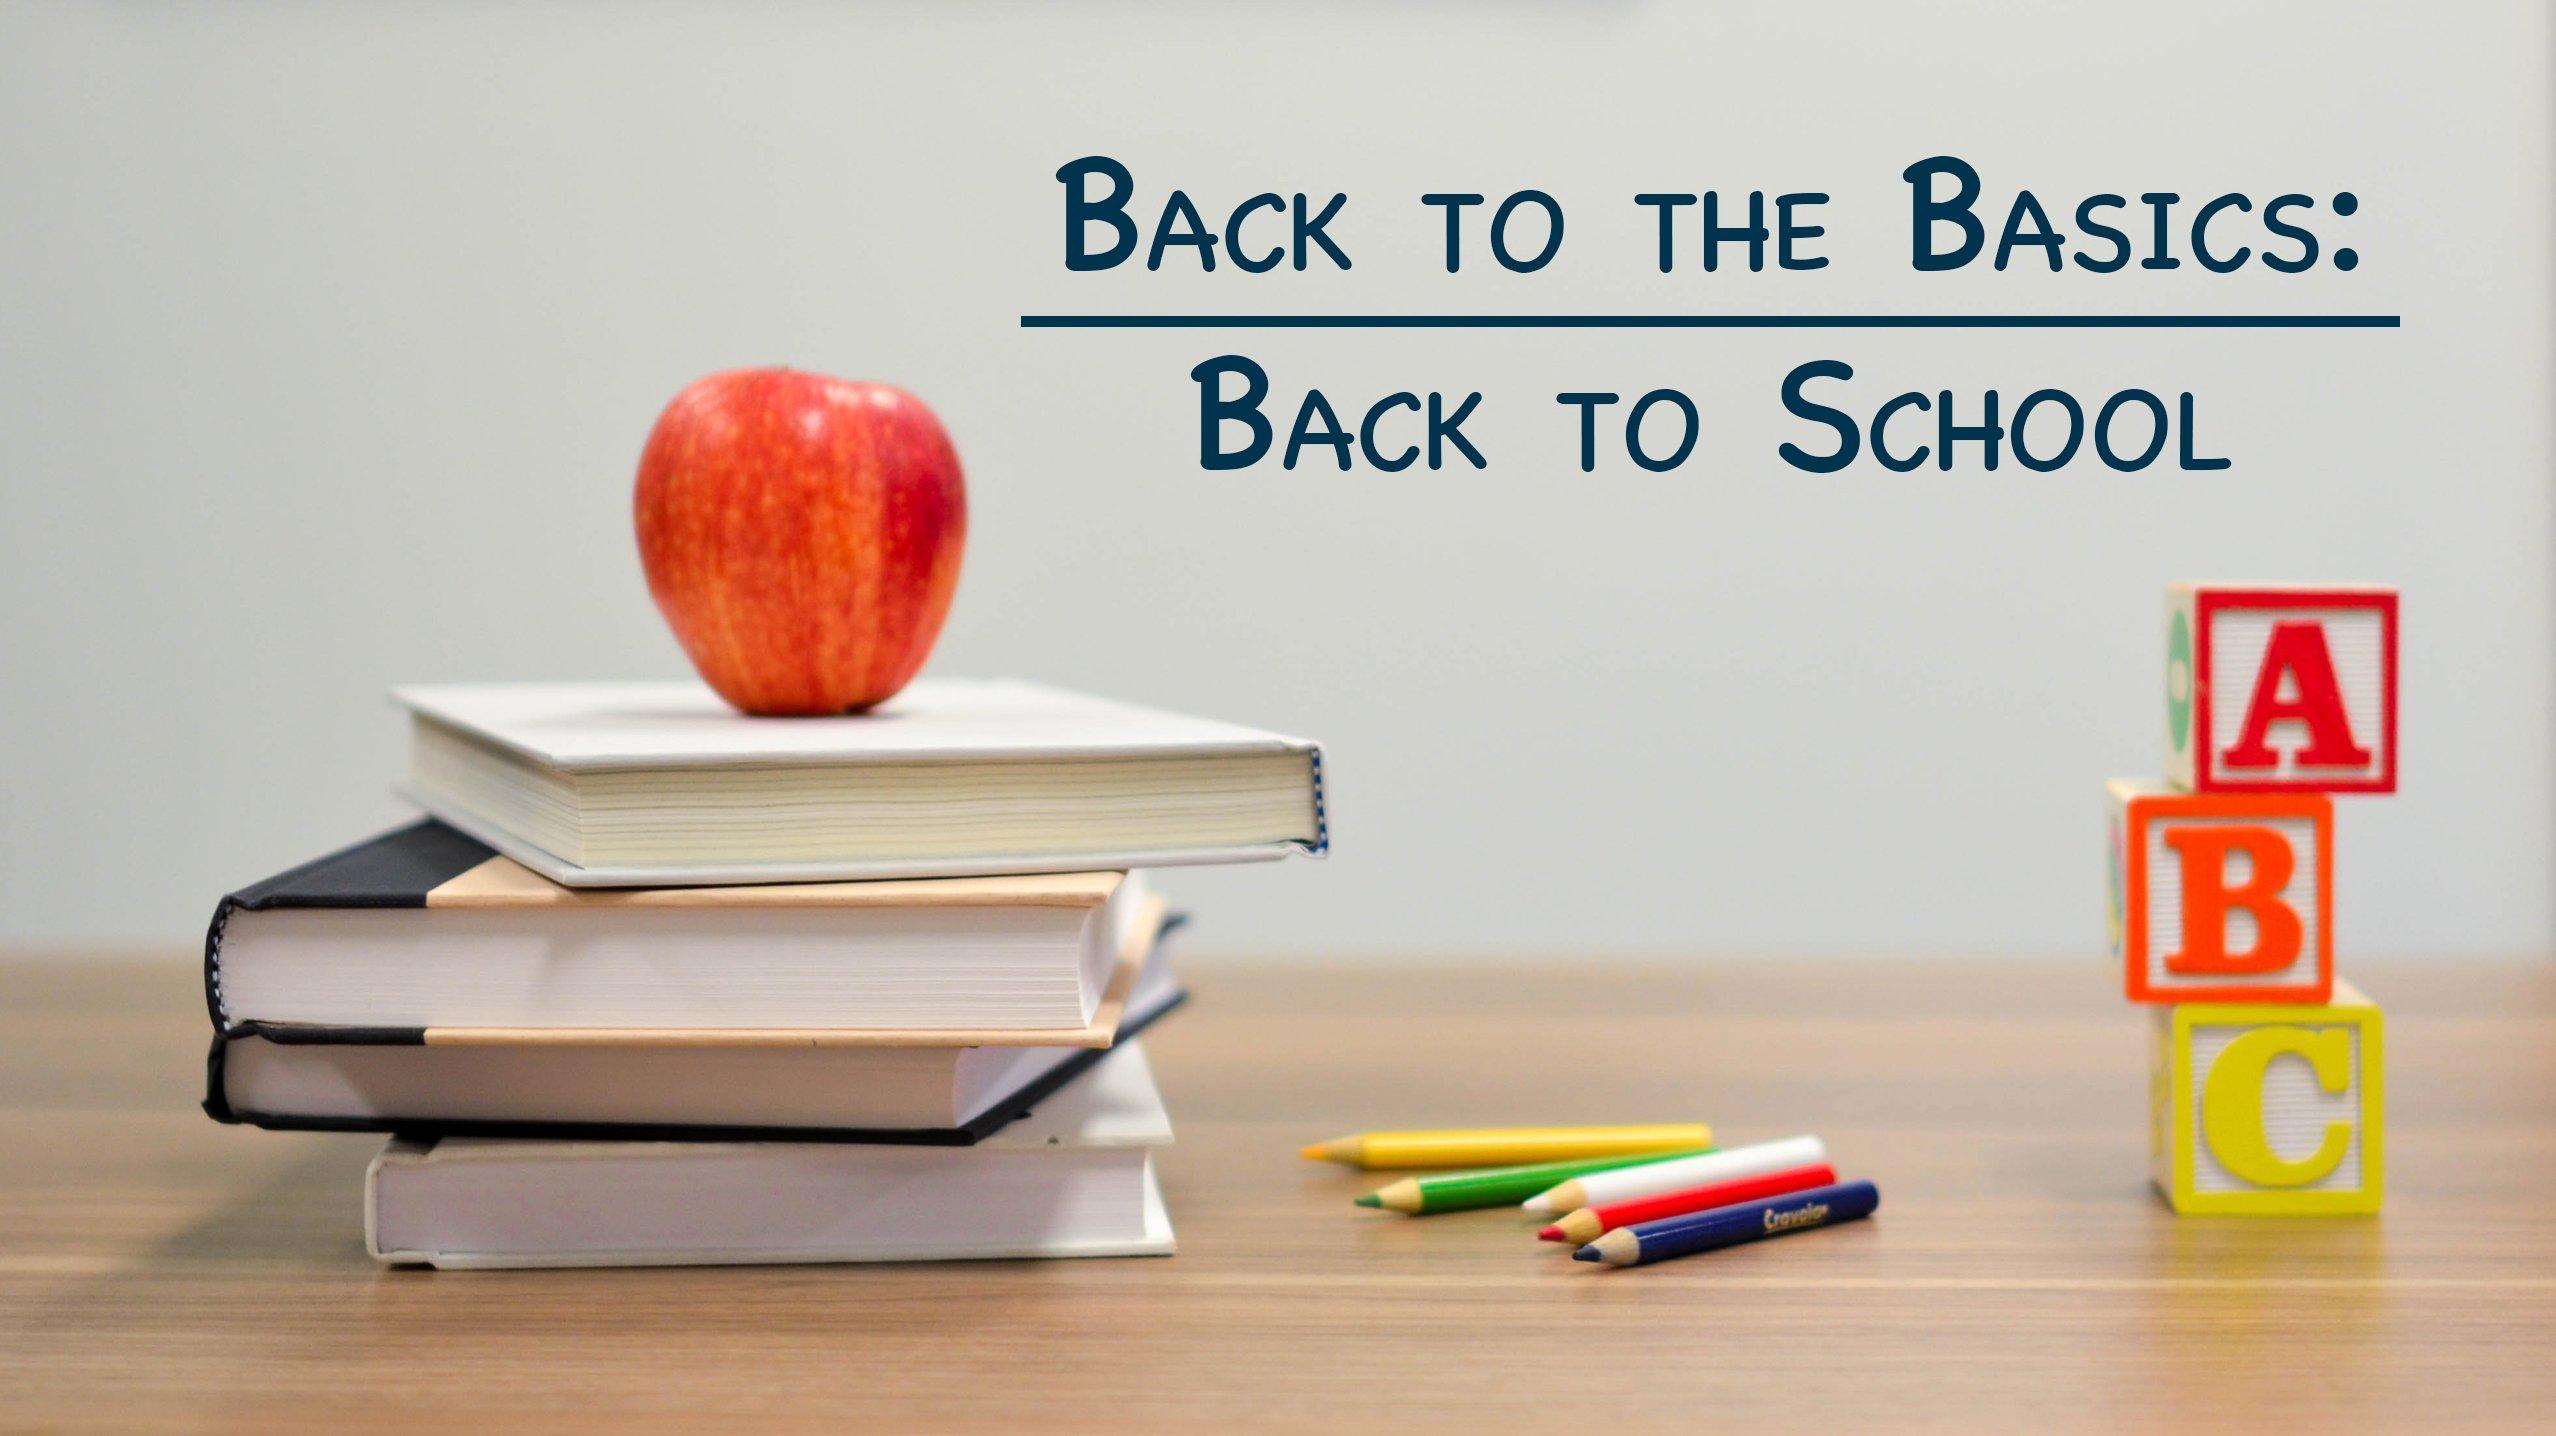 BacktoBasics_BacktoSchool_blog